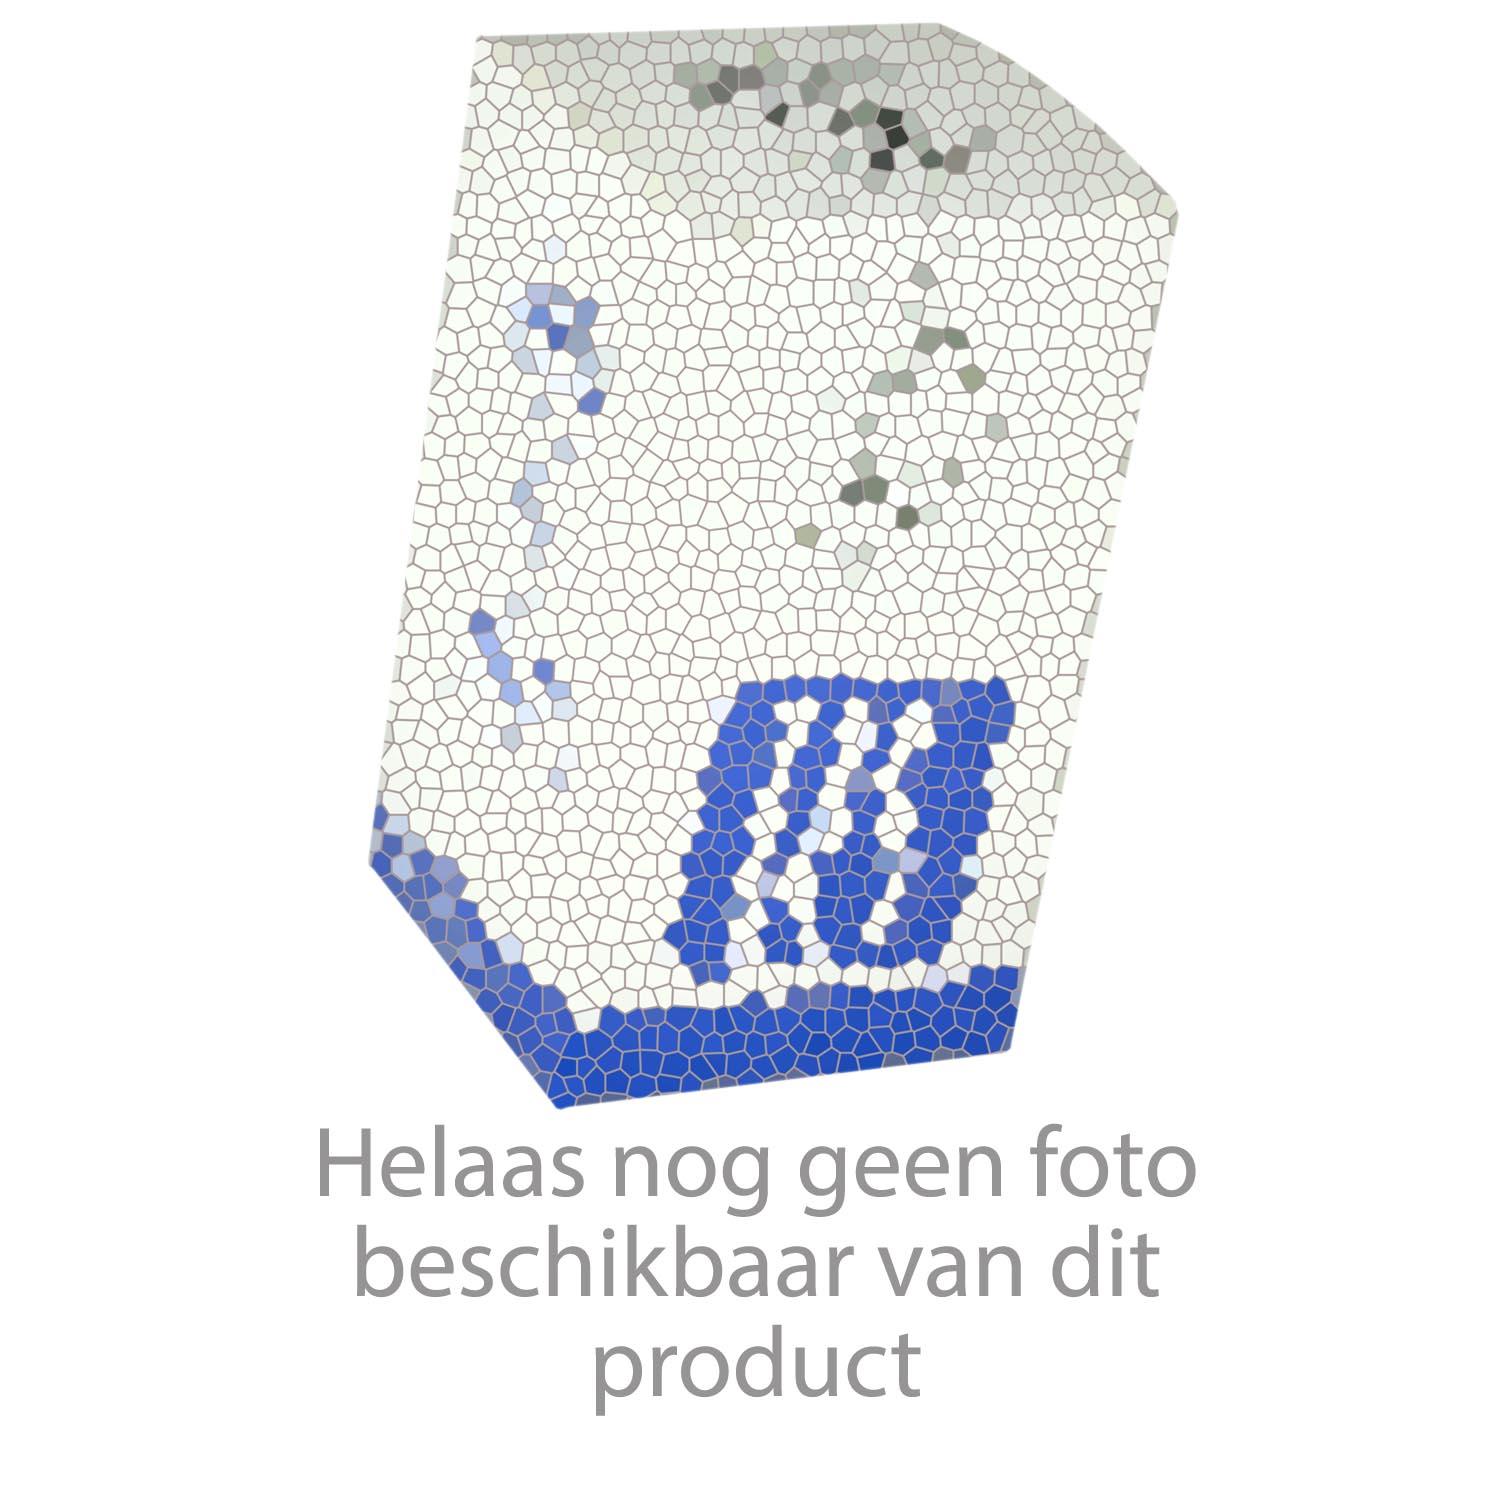 Hansgrohe onderdelen axor uno 38720 03 01 online kopen bij sinds 2004 de - Hansgrohe axor pharo shower ...